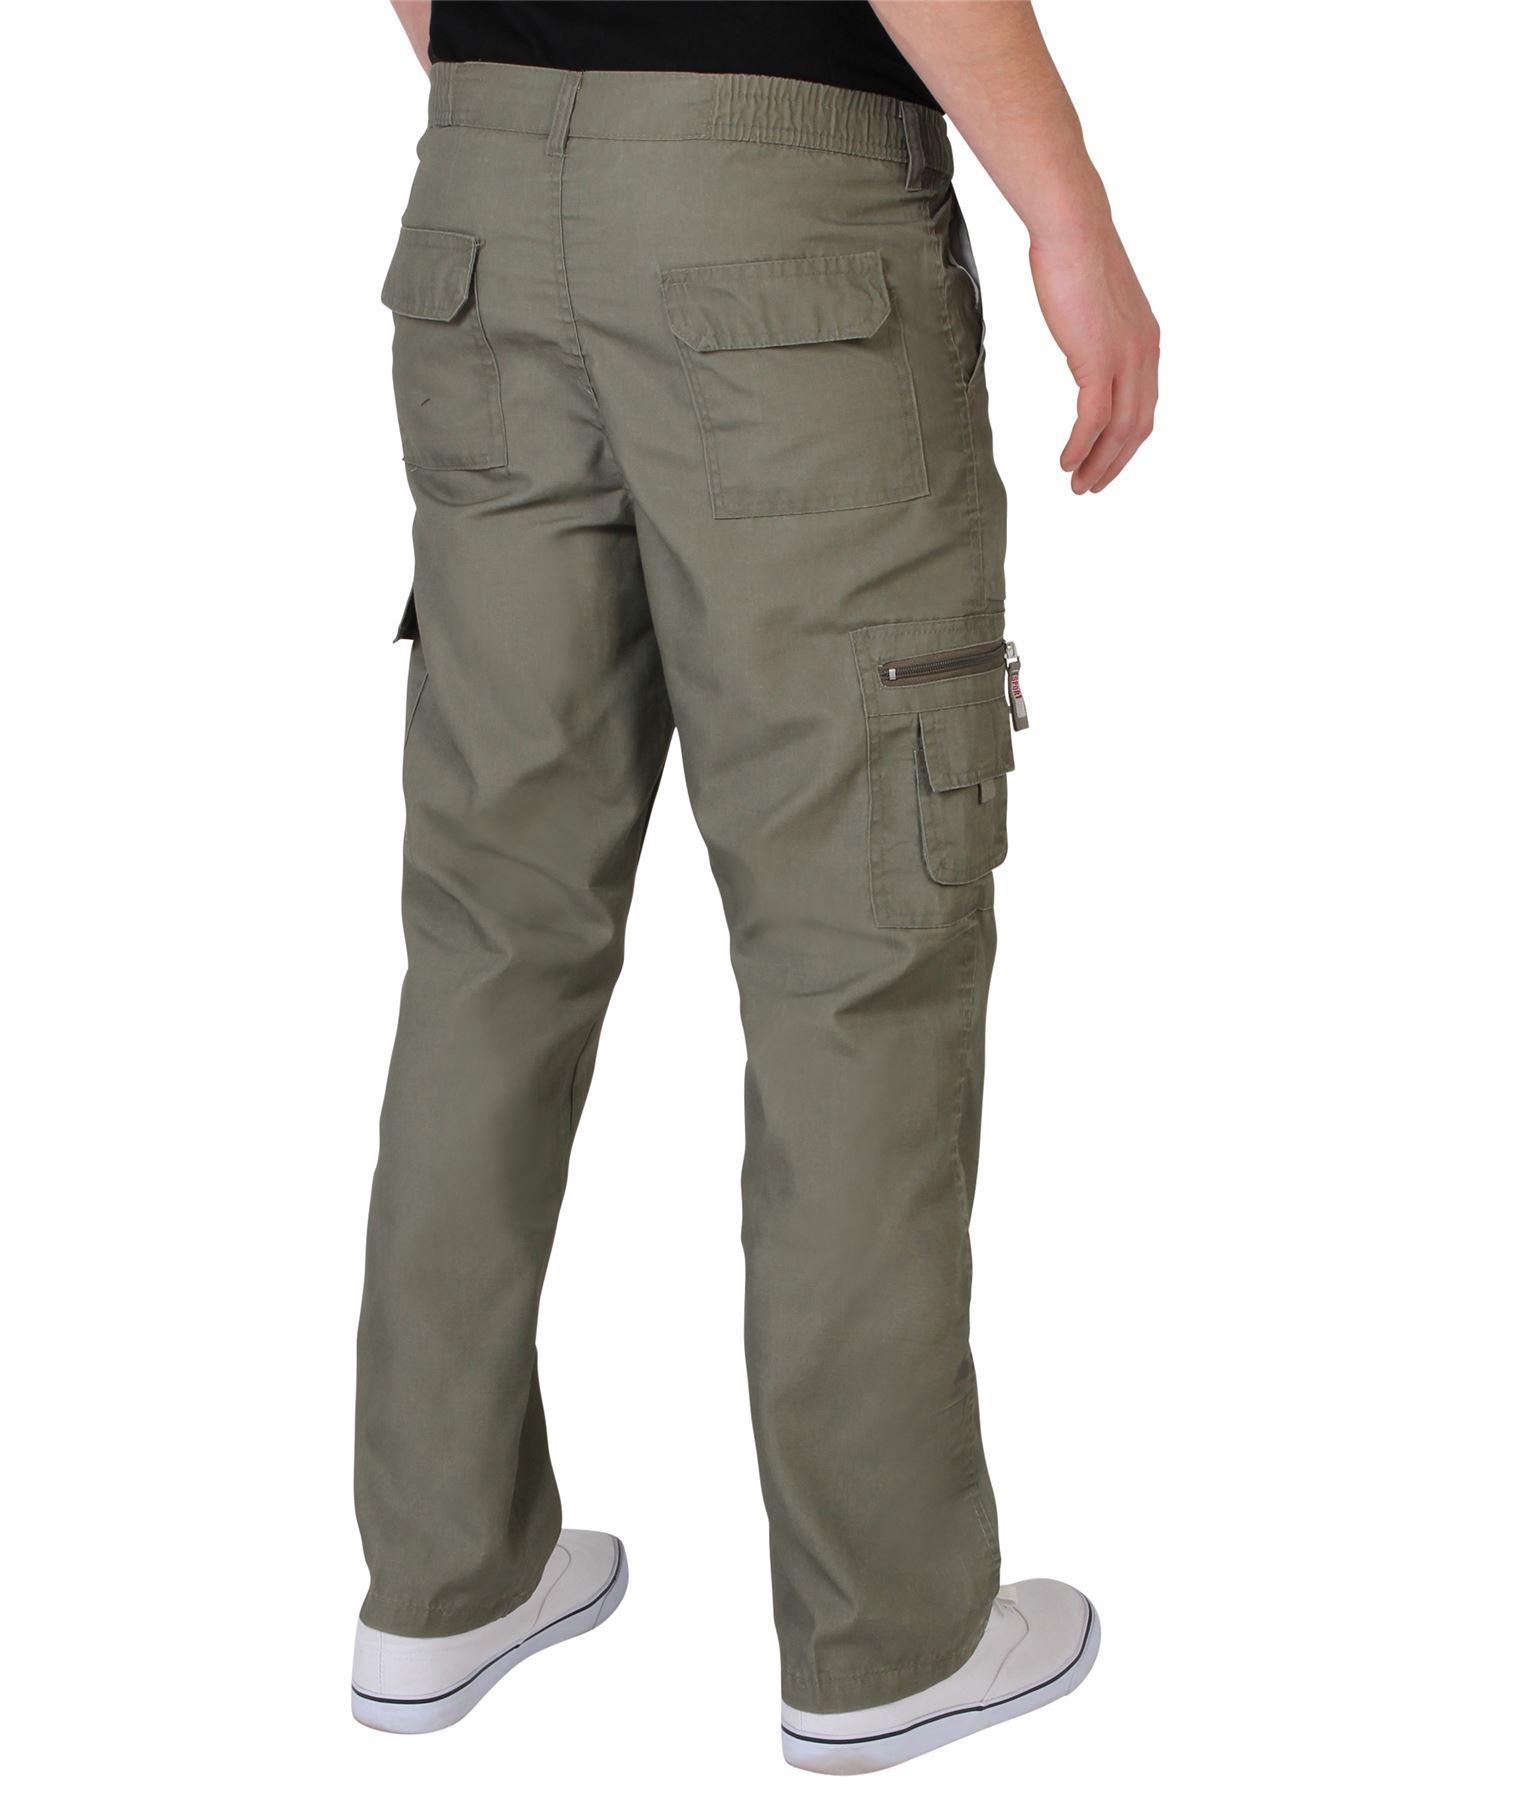 Uomo-Militare-Cargo-Pantaloni-Cotone-Lavoro-Chino-Casual-Kaki miniatura 19